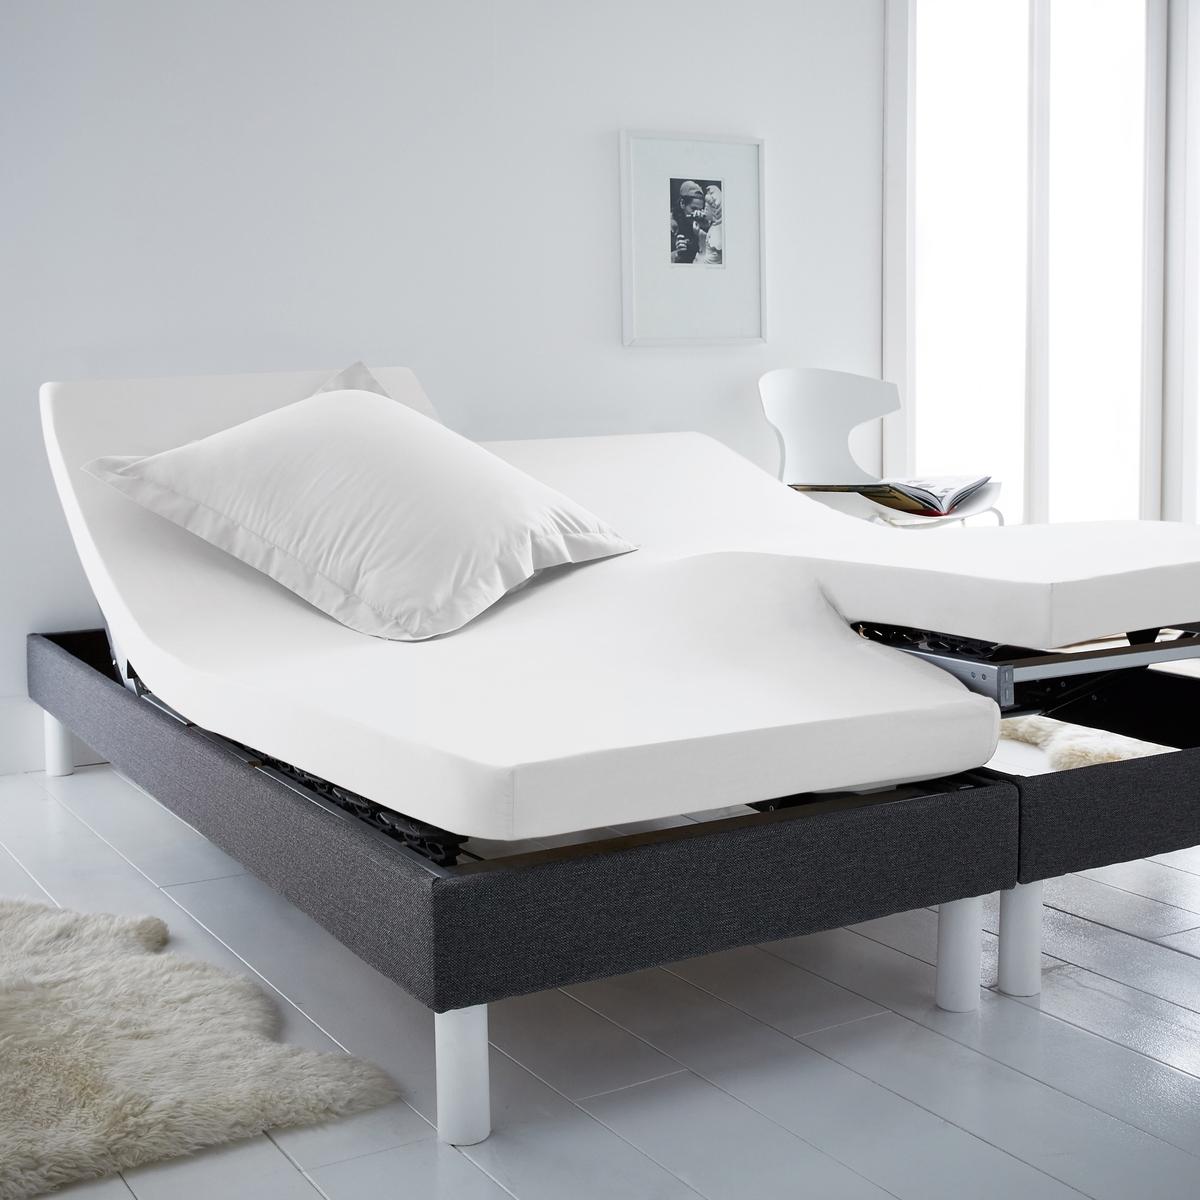 Простыня натяжная для раздельных матрасовНатяжная простыня для 2-спальной кровати с матрасами с независимыми частями для головы и ног. Для общего комфорта натяжная простыня соединяется в центре без швов.Характеристики натяжной простыни из хлопка для раздельных матрасов :100% хлопок, очень мягкий и комфортный, плотное переплетение нитей, 57 нитей/см? : чем больше количество нитей/см?, тем выше качество.Клапан 25 см (для матрасов шириной до 23 см).Отличная стойкость цвета при стирке при 60 °С.Созданная для матрасов с возможностью поднимания частей для головы и ног, эта натяжная простыня Sc?nario из хлопка отличается оригинальной гаммой очень модных цветов.                                                 Откройте для себя всю коллекцию постельного белья на сайте laredoute.ru.                                                                                                                                                                  Знак Oeko-Tex® гарантирует, что товары протестированы и сертифицированы, не содержат вредных веществ, которые могли бы нанести вред здоровью.                                                                                                                                                                                                                                            Размеры: ??140 x 190 см : 2-спальн.?160 x 200 см: 2-спальн.180 x 200 см: ?2-спальн.<br><br>Цвет: желтый лимонный,розовый коралловый